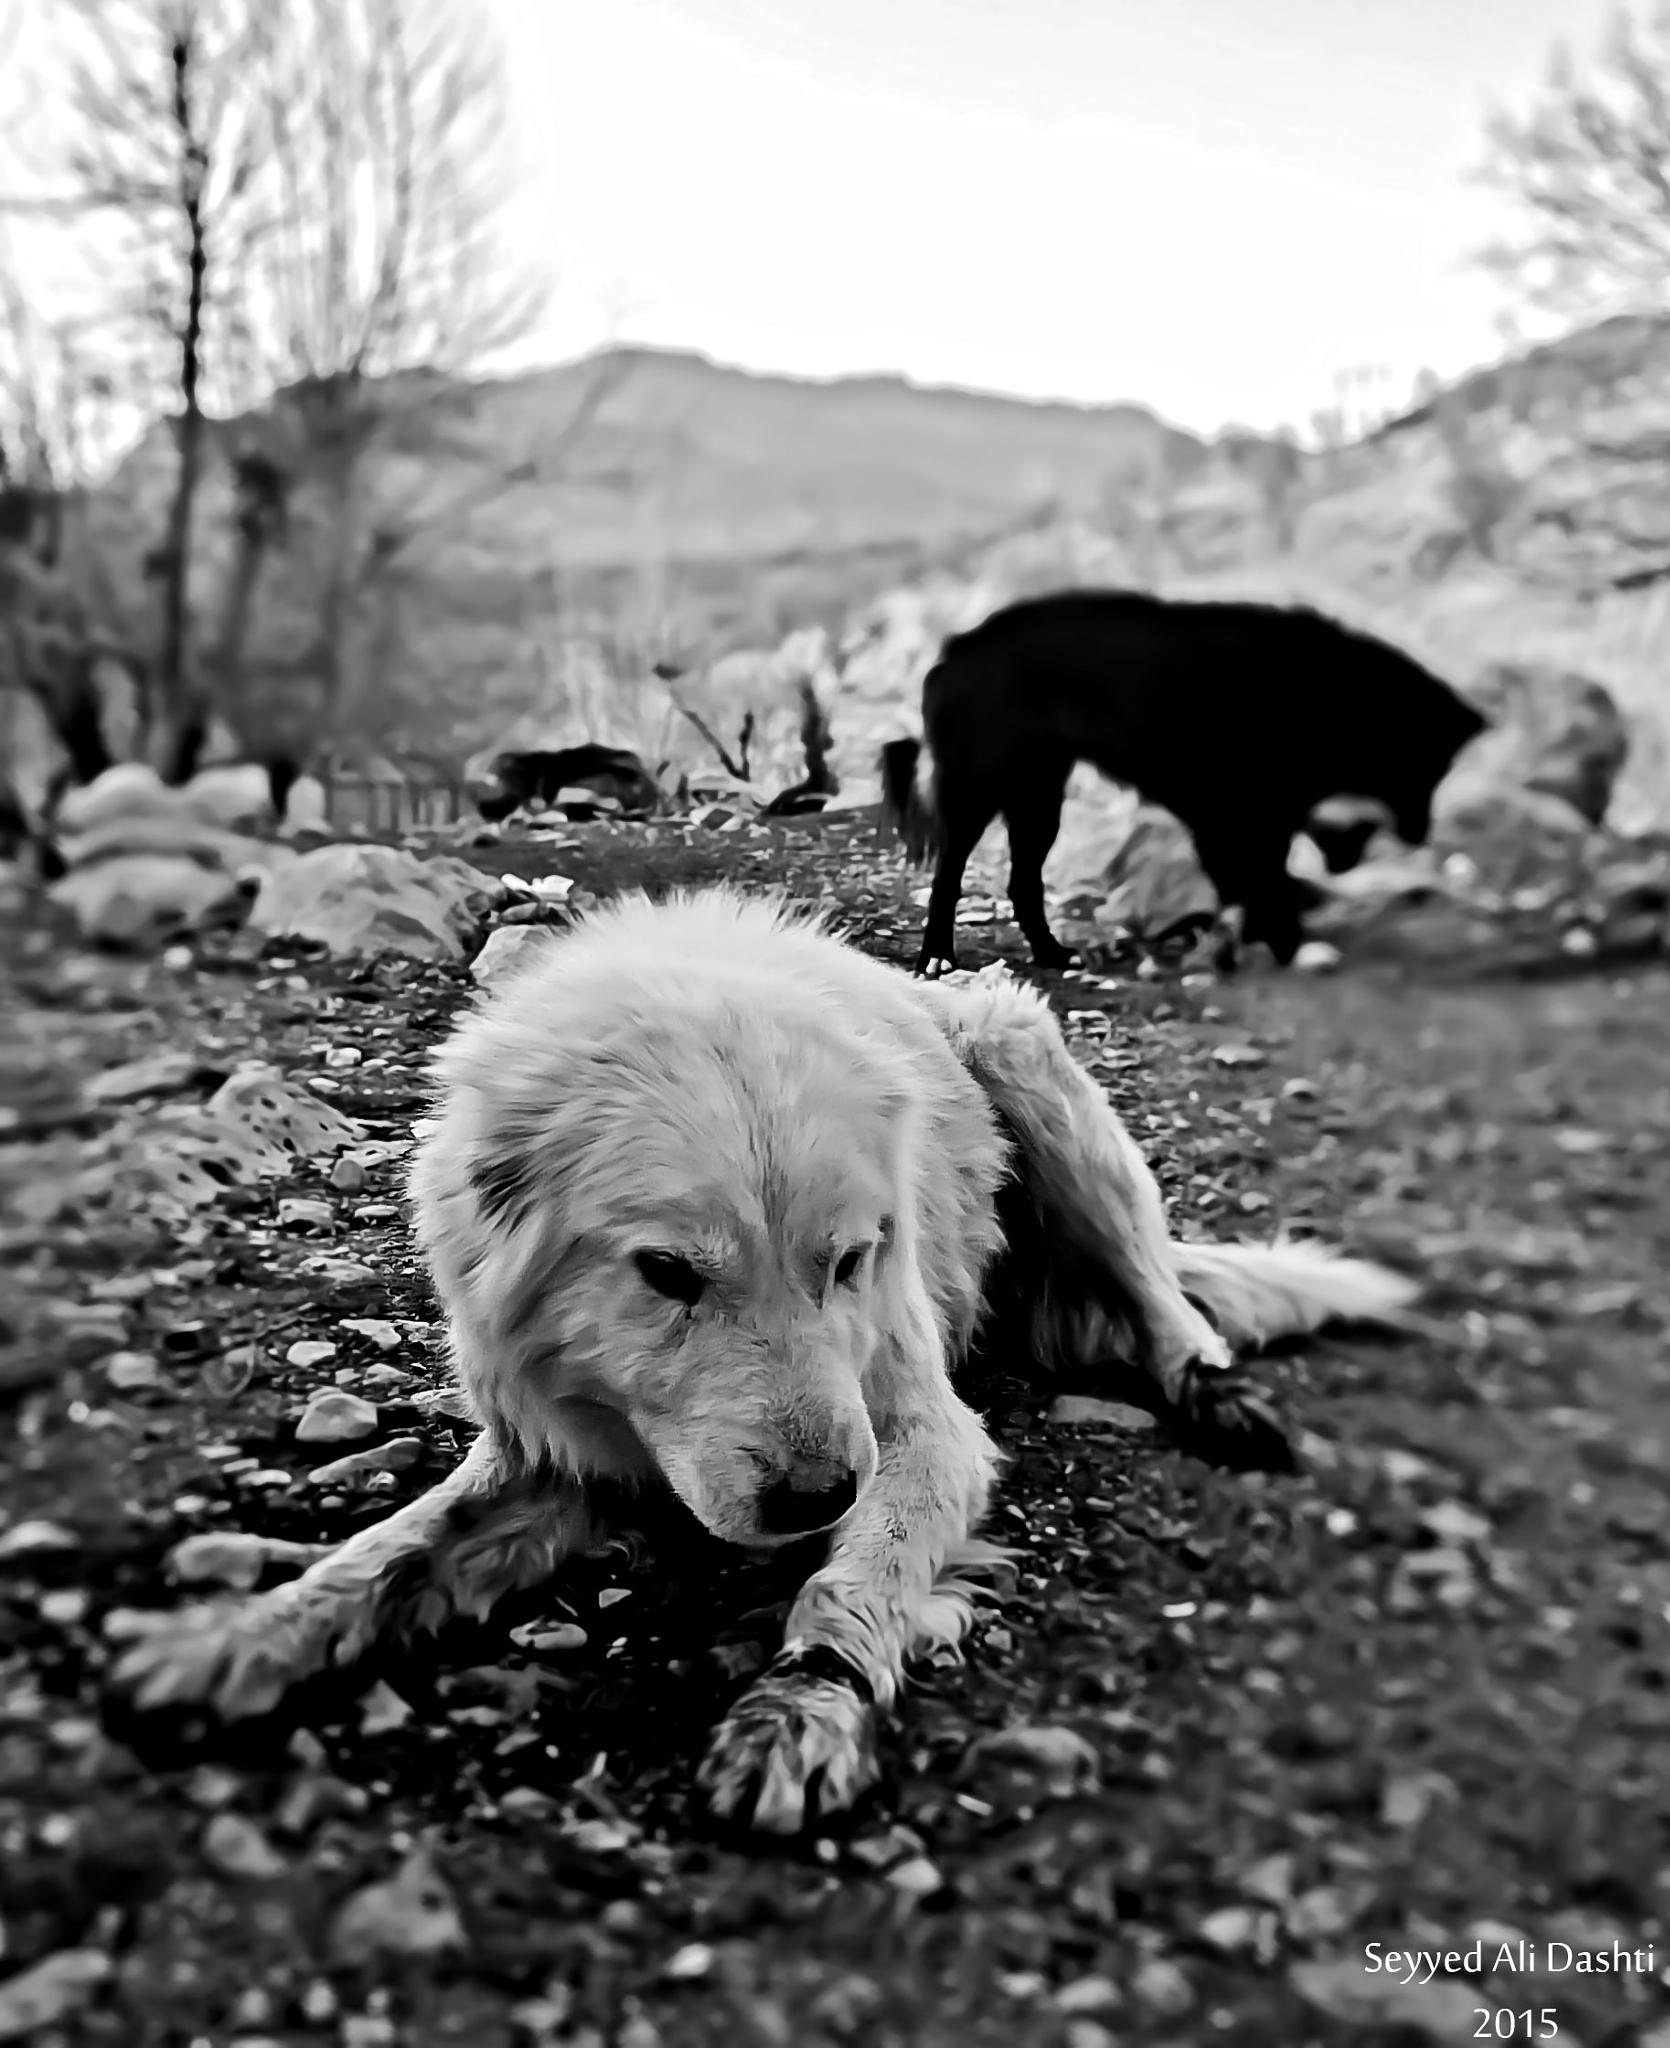 Dog (black and white) by Seyyed Ali Dashti